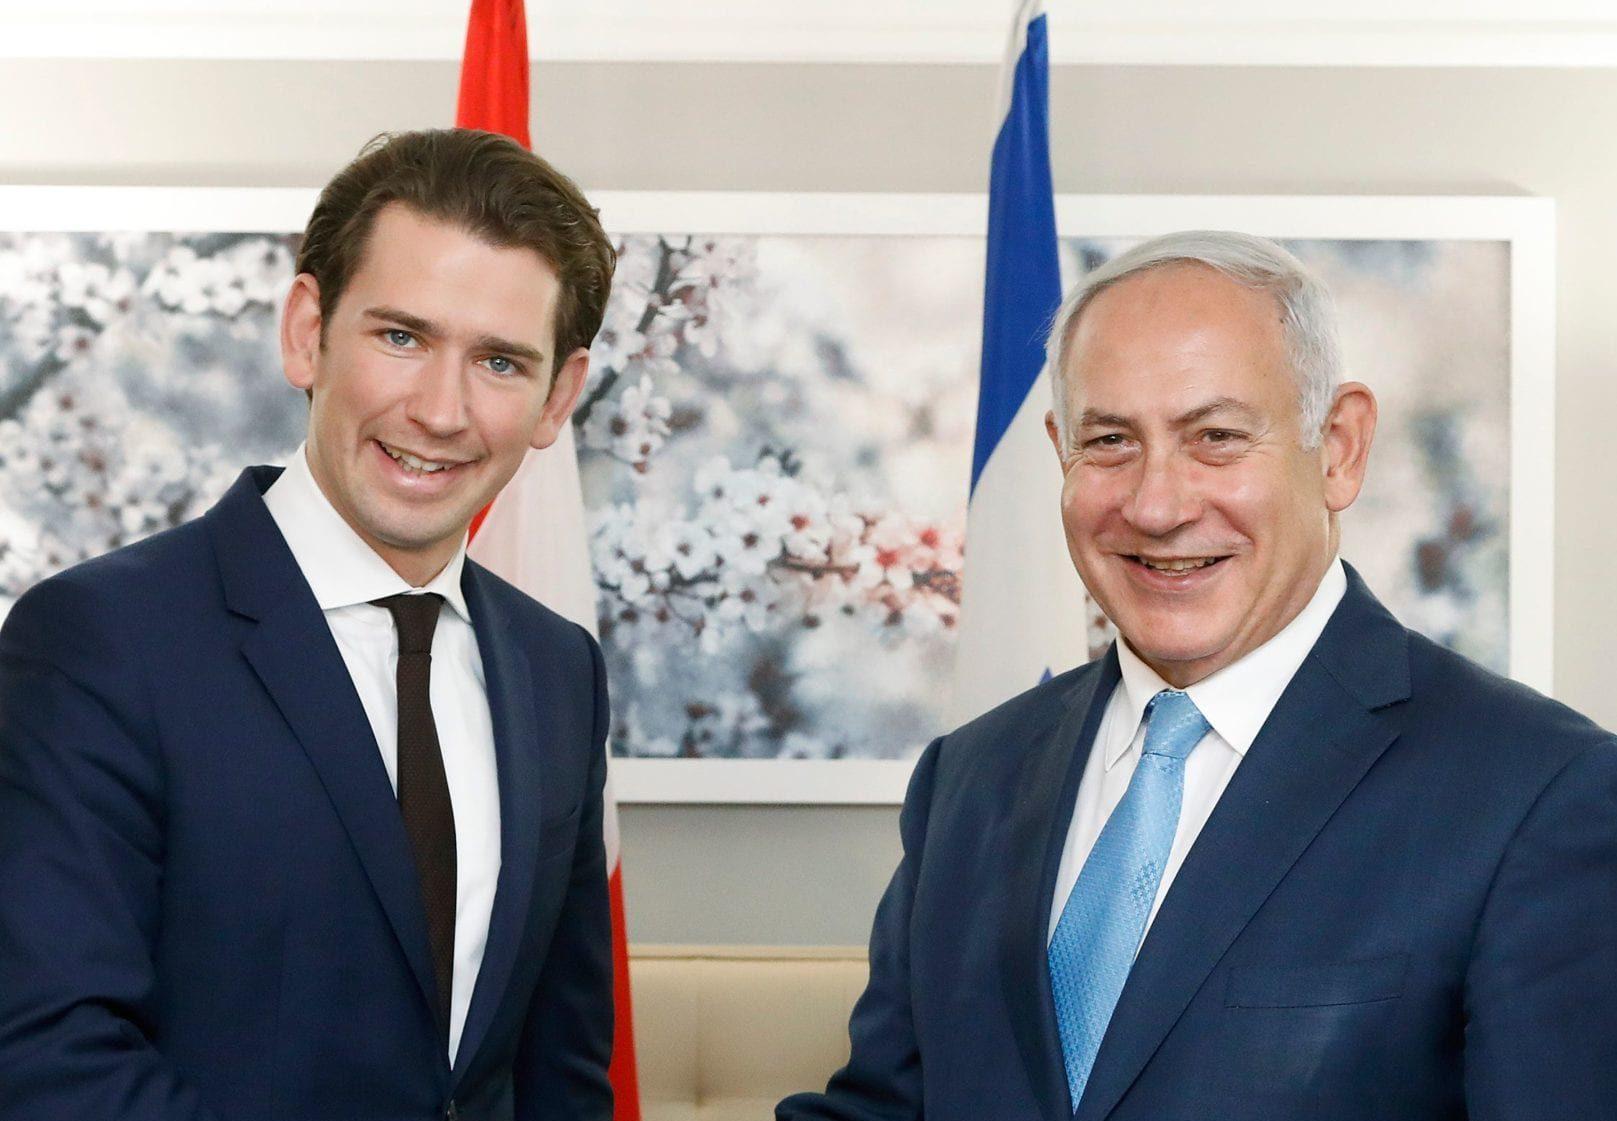 Bundeskanzler Kurz in New York Netanjahu